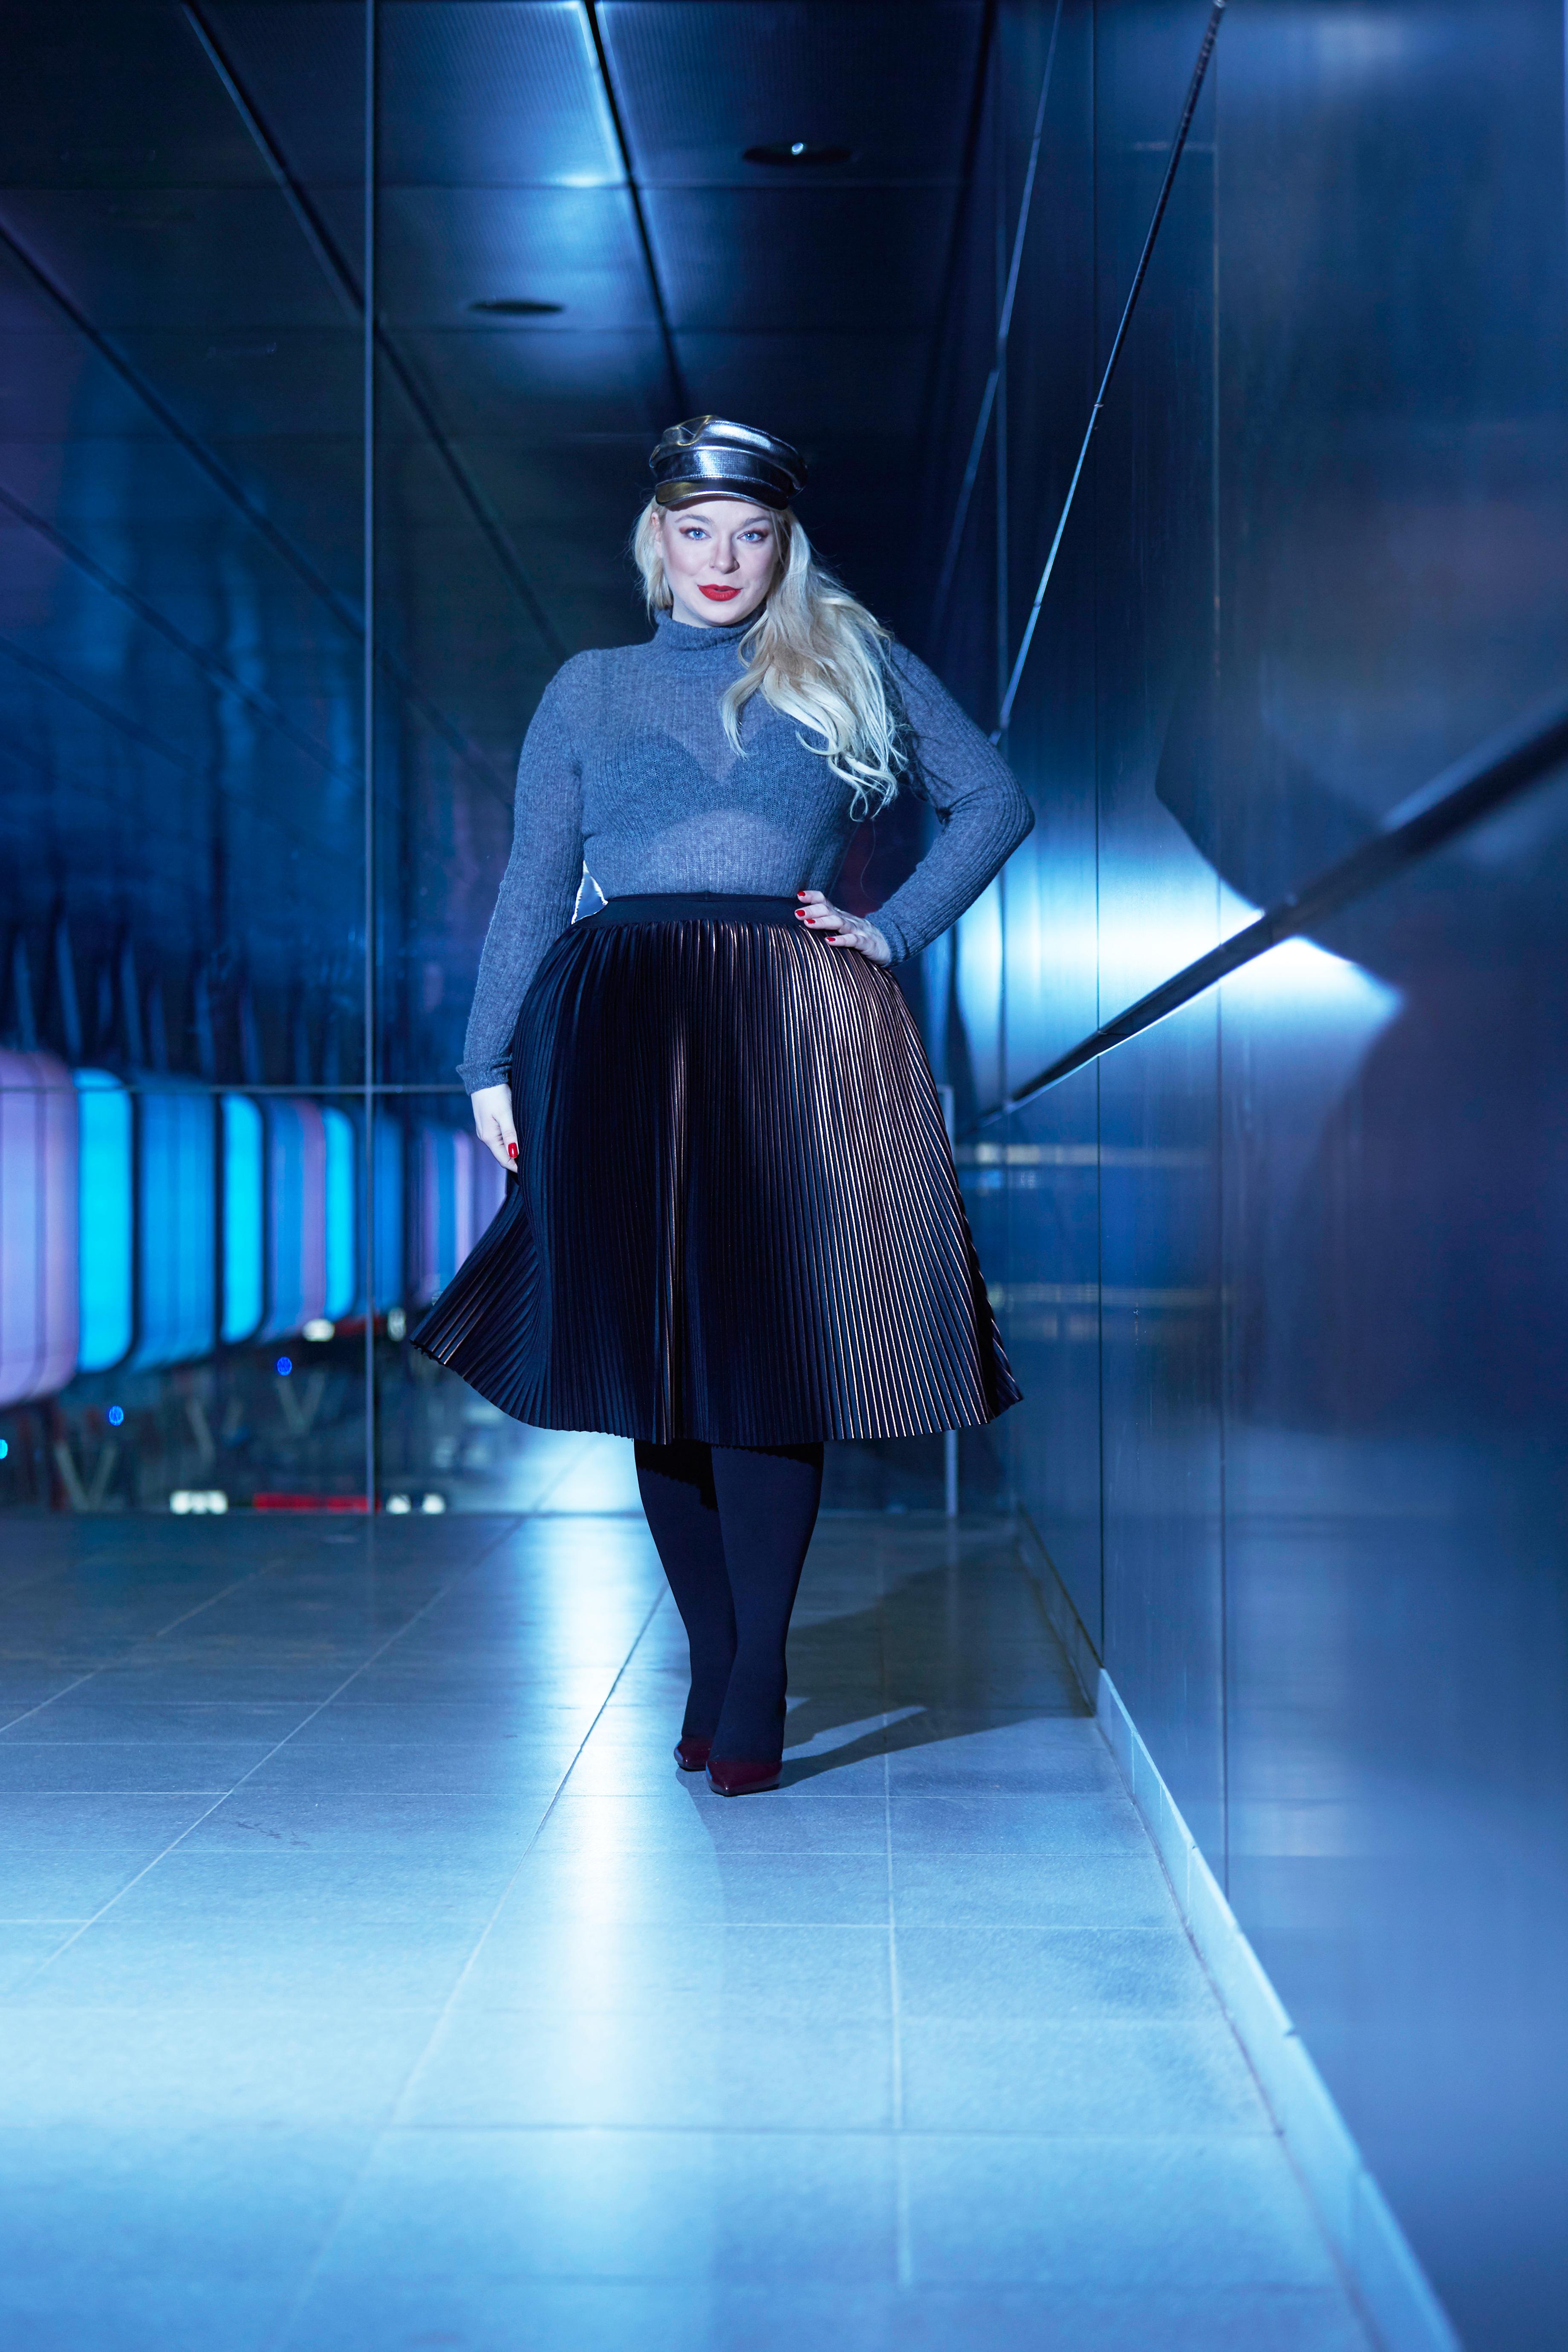 Caterina-Megabambi-Pogorzelski-Curvy-Pussize-Rock-caterina-pogorzelski-Trend-Megabambi-Plussizeblogger-berlin